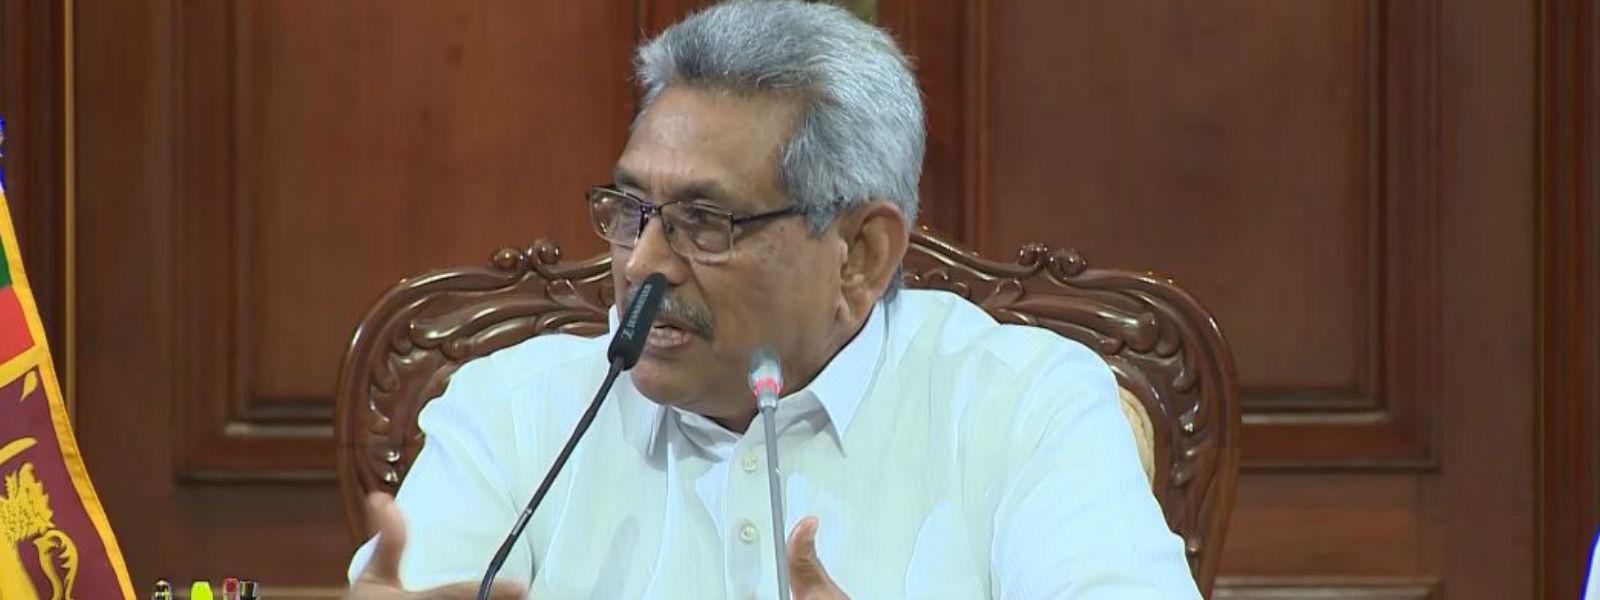 தேர்தல் பிரசாரத்தில் தனது நிழற்படத்தை பயன்படுத்த வேண்டாமென ஜனாதிபதி உத்தரவு